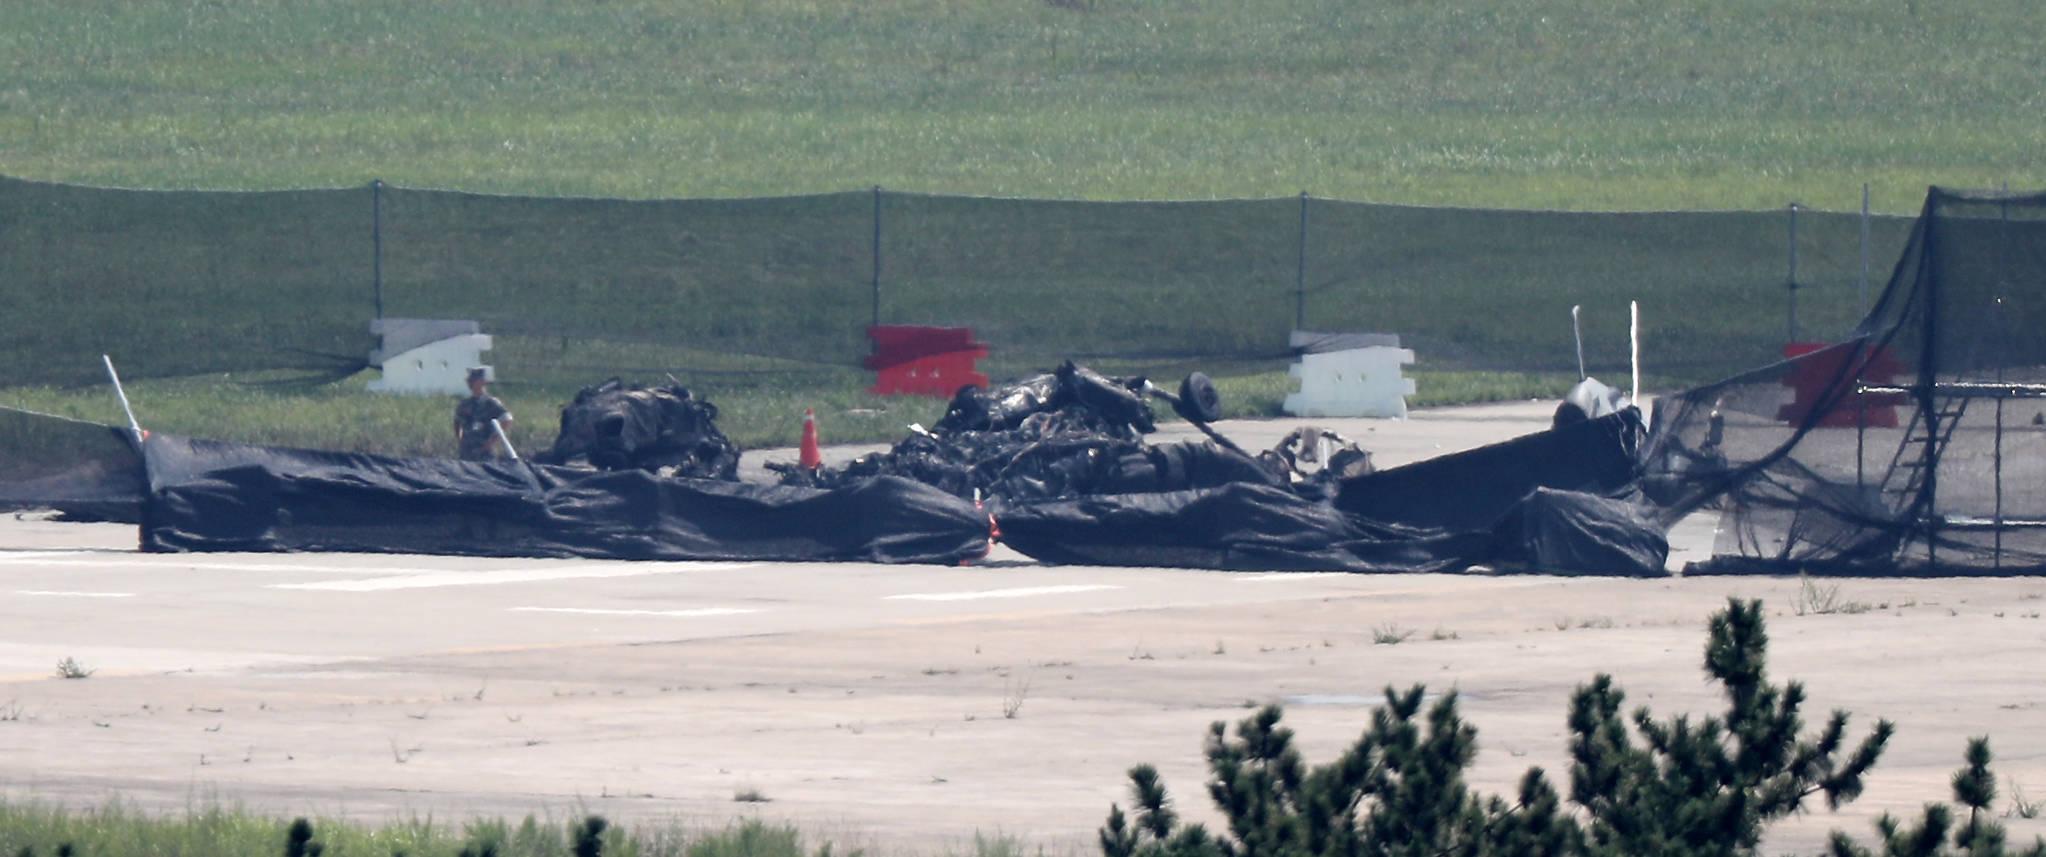 상륙기동헬기(MUH-1) 1대가 추락해 승무원 6명 가운데 5명이 숨지고 1명이 부상한 경북 포항시 남구 포항 비행장 활주로에 18일 오전 헬기 파편이 남겨져 있다. [연합뉴스]